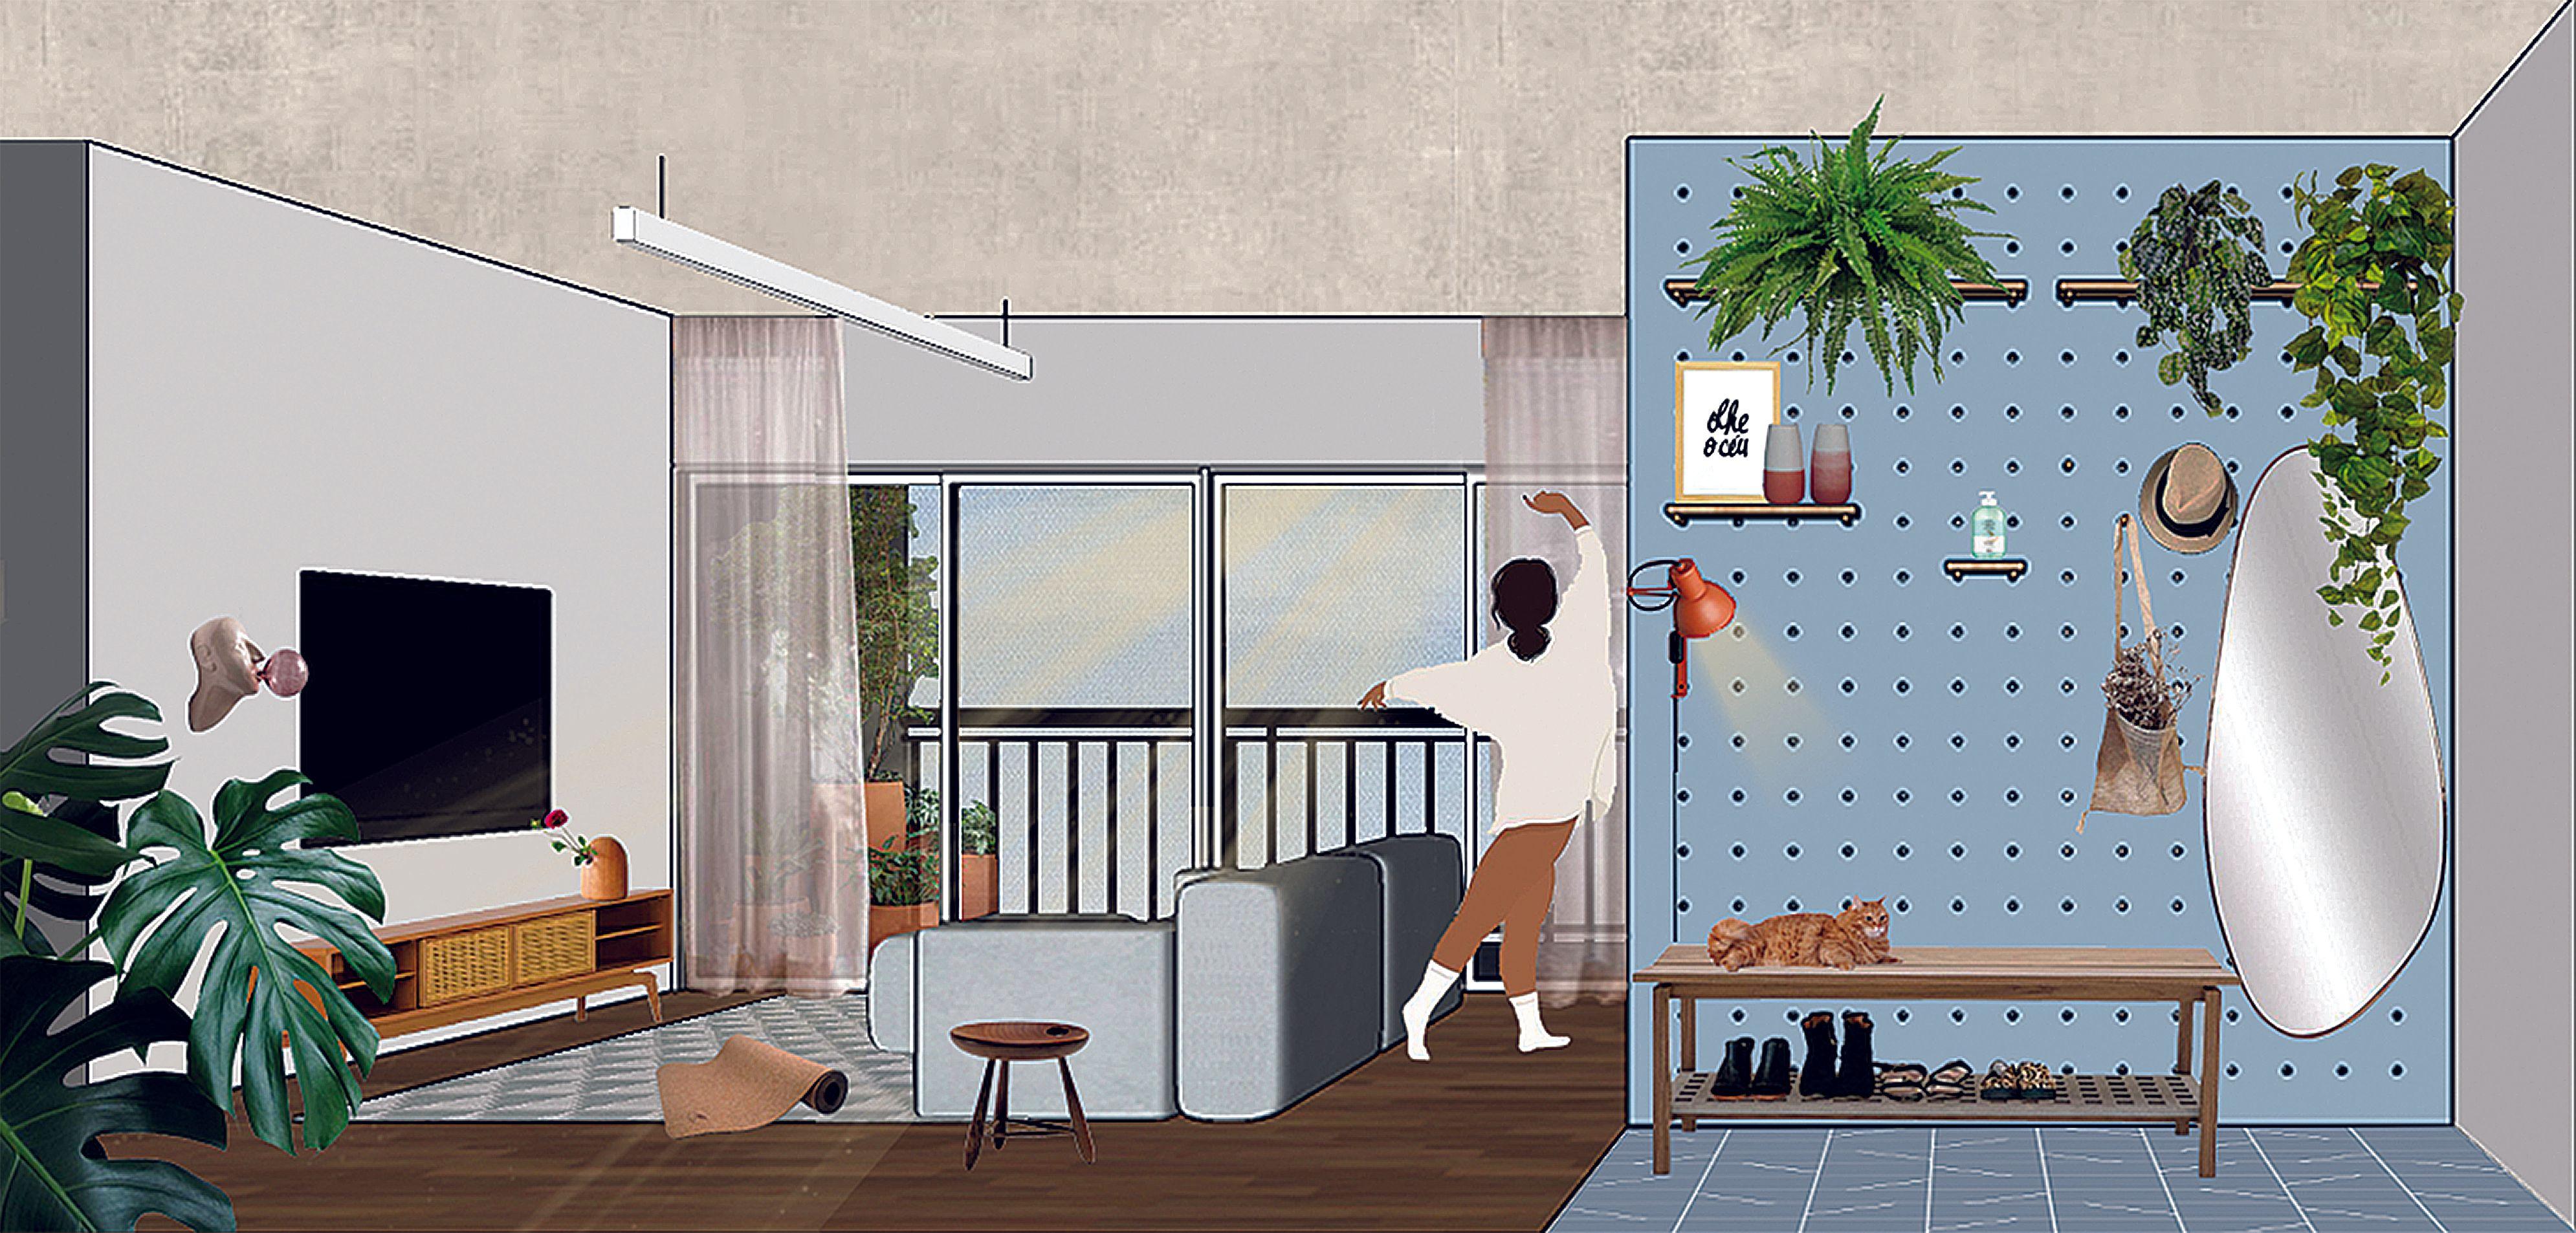 Hall de entrada e sala projetados pelo Studio Canto Arquitetura, exclusivamente para essa reportagem, com a proposta de uma casa do futuro. Imagem: Studio Canto Arquitetura